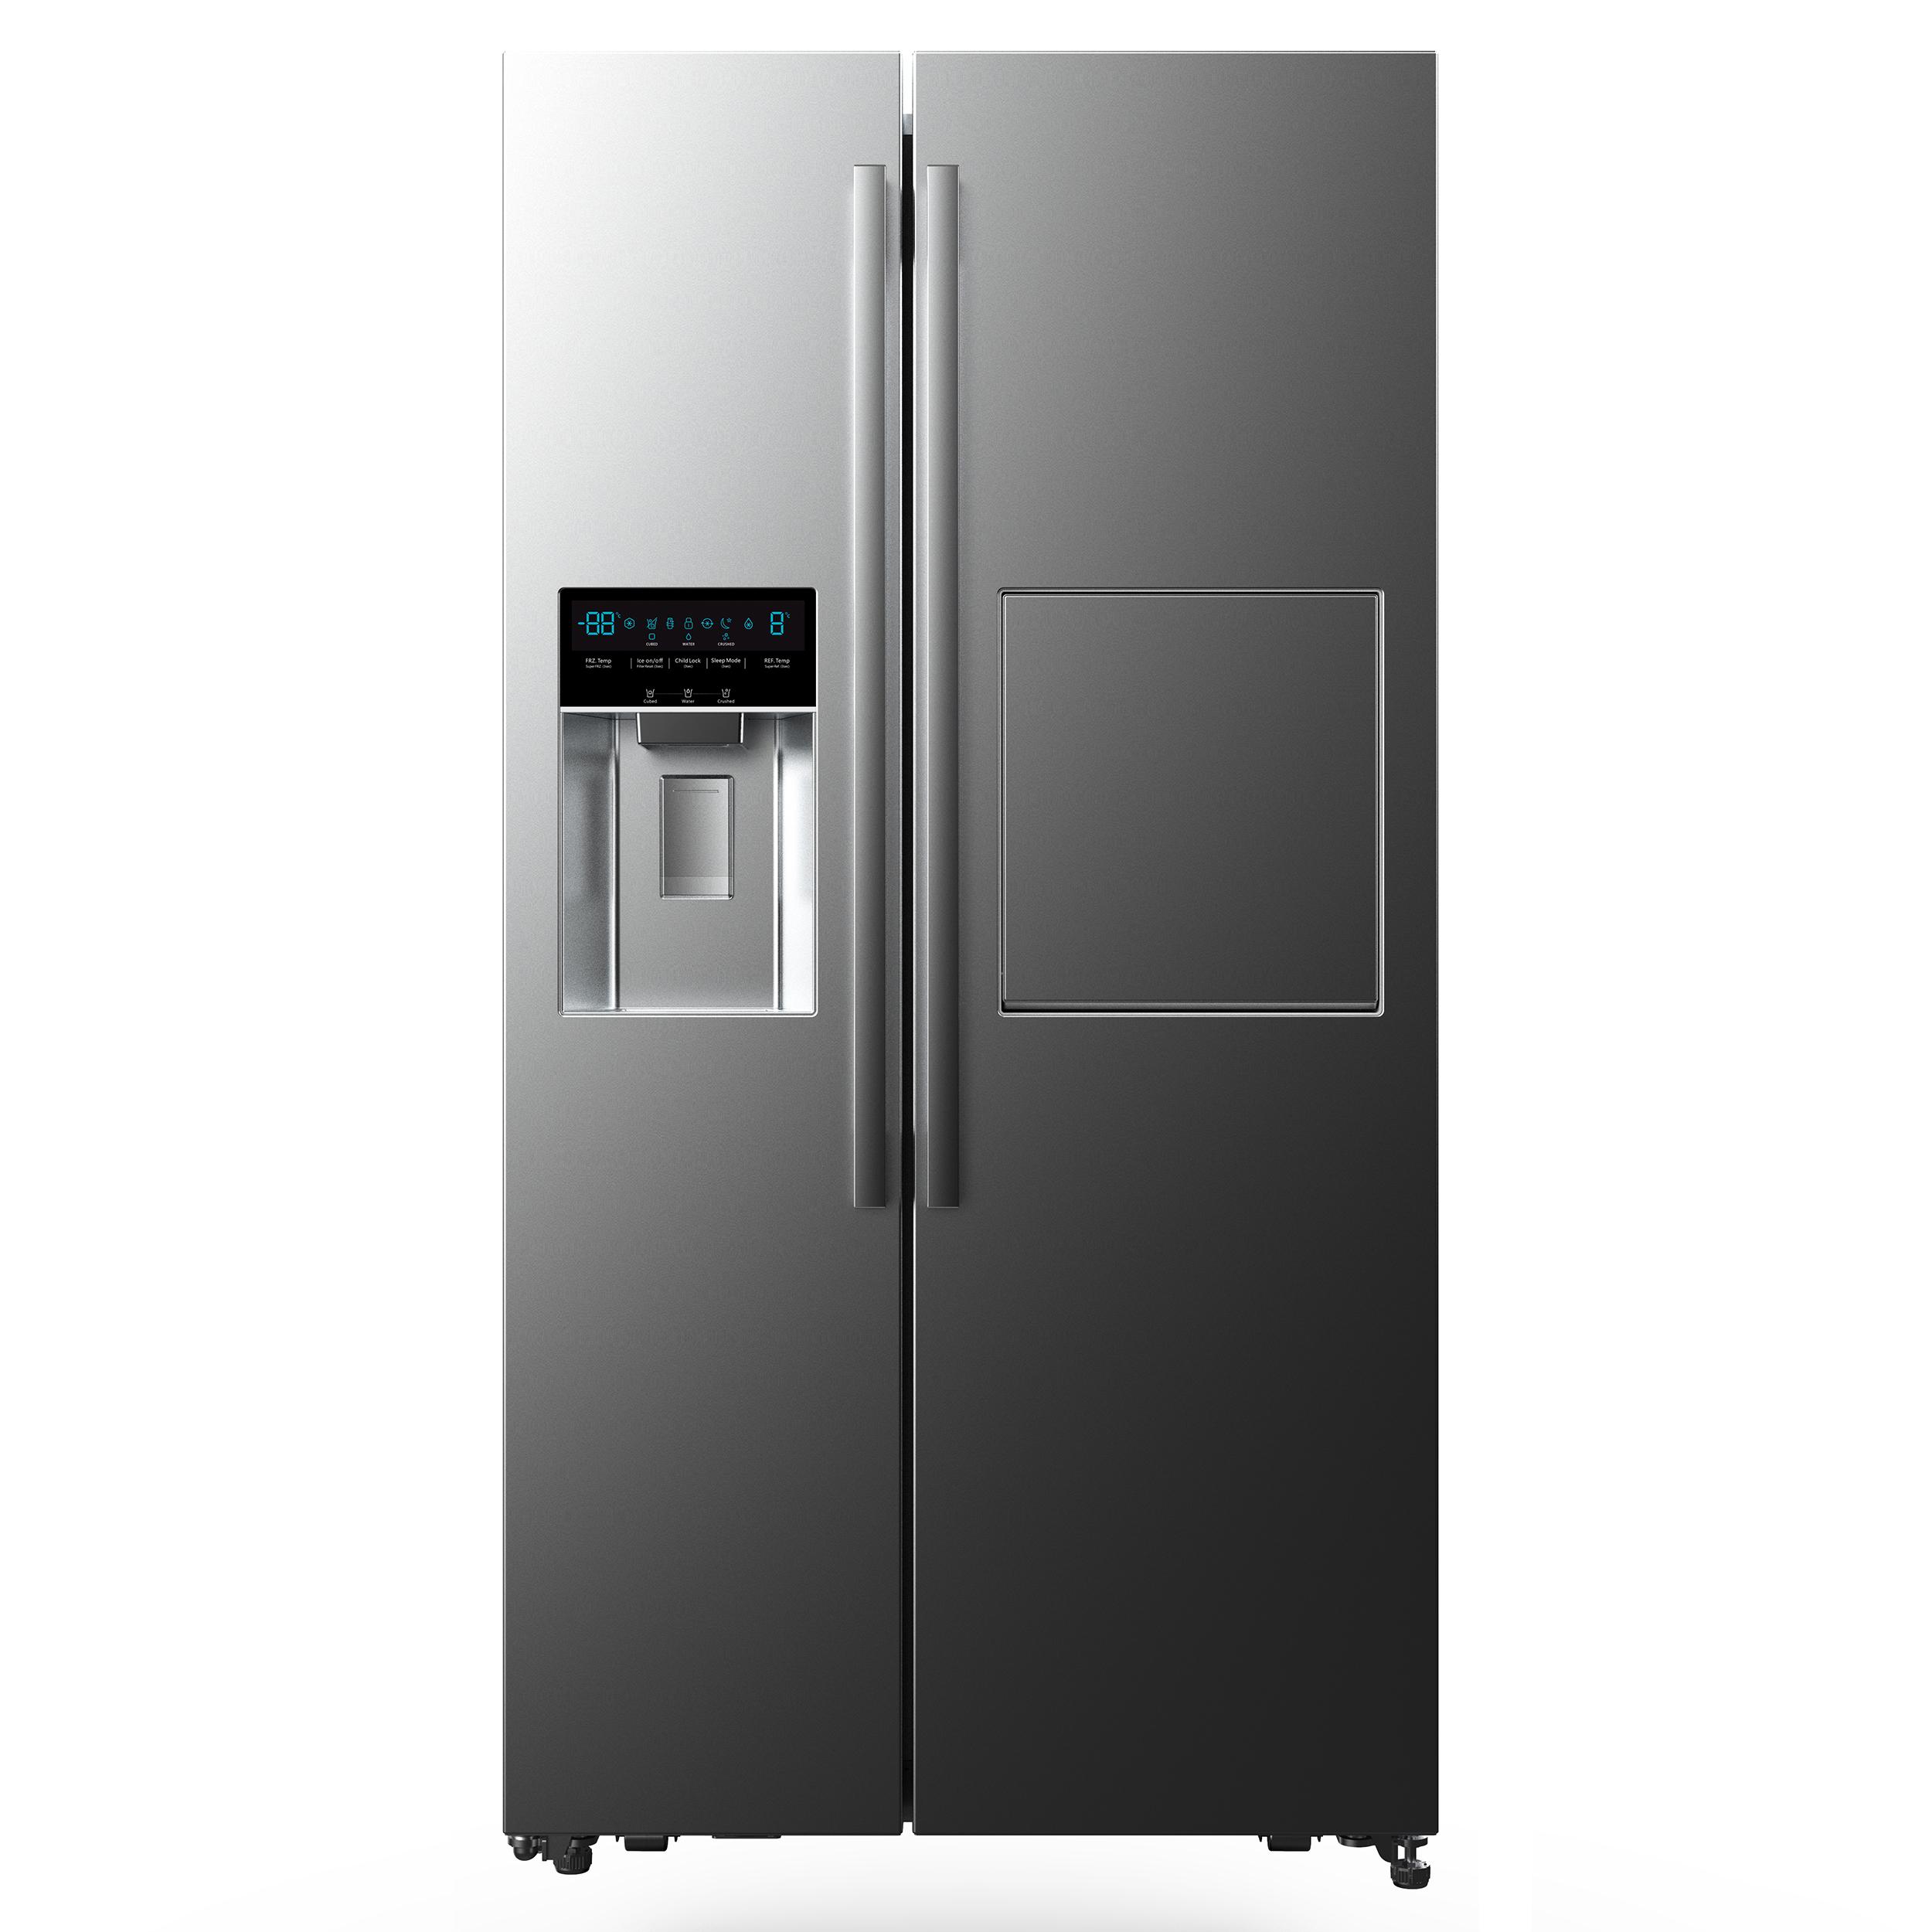 یخچال و فریز ساید بای ساید دوو مدل D4S-2915SS